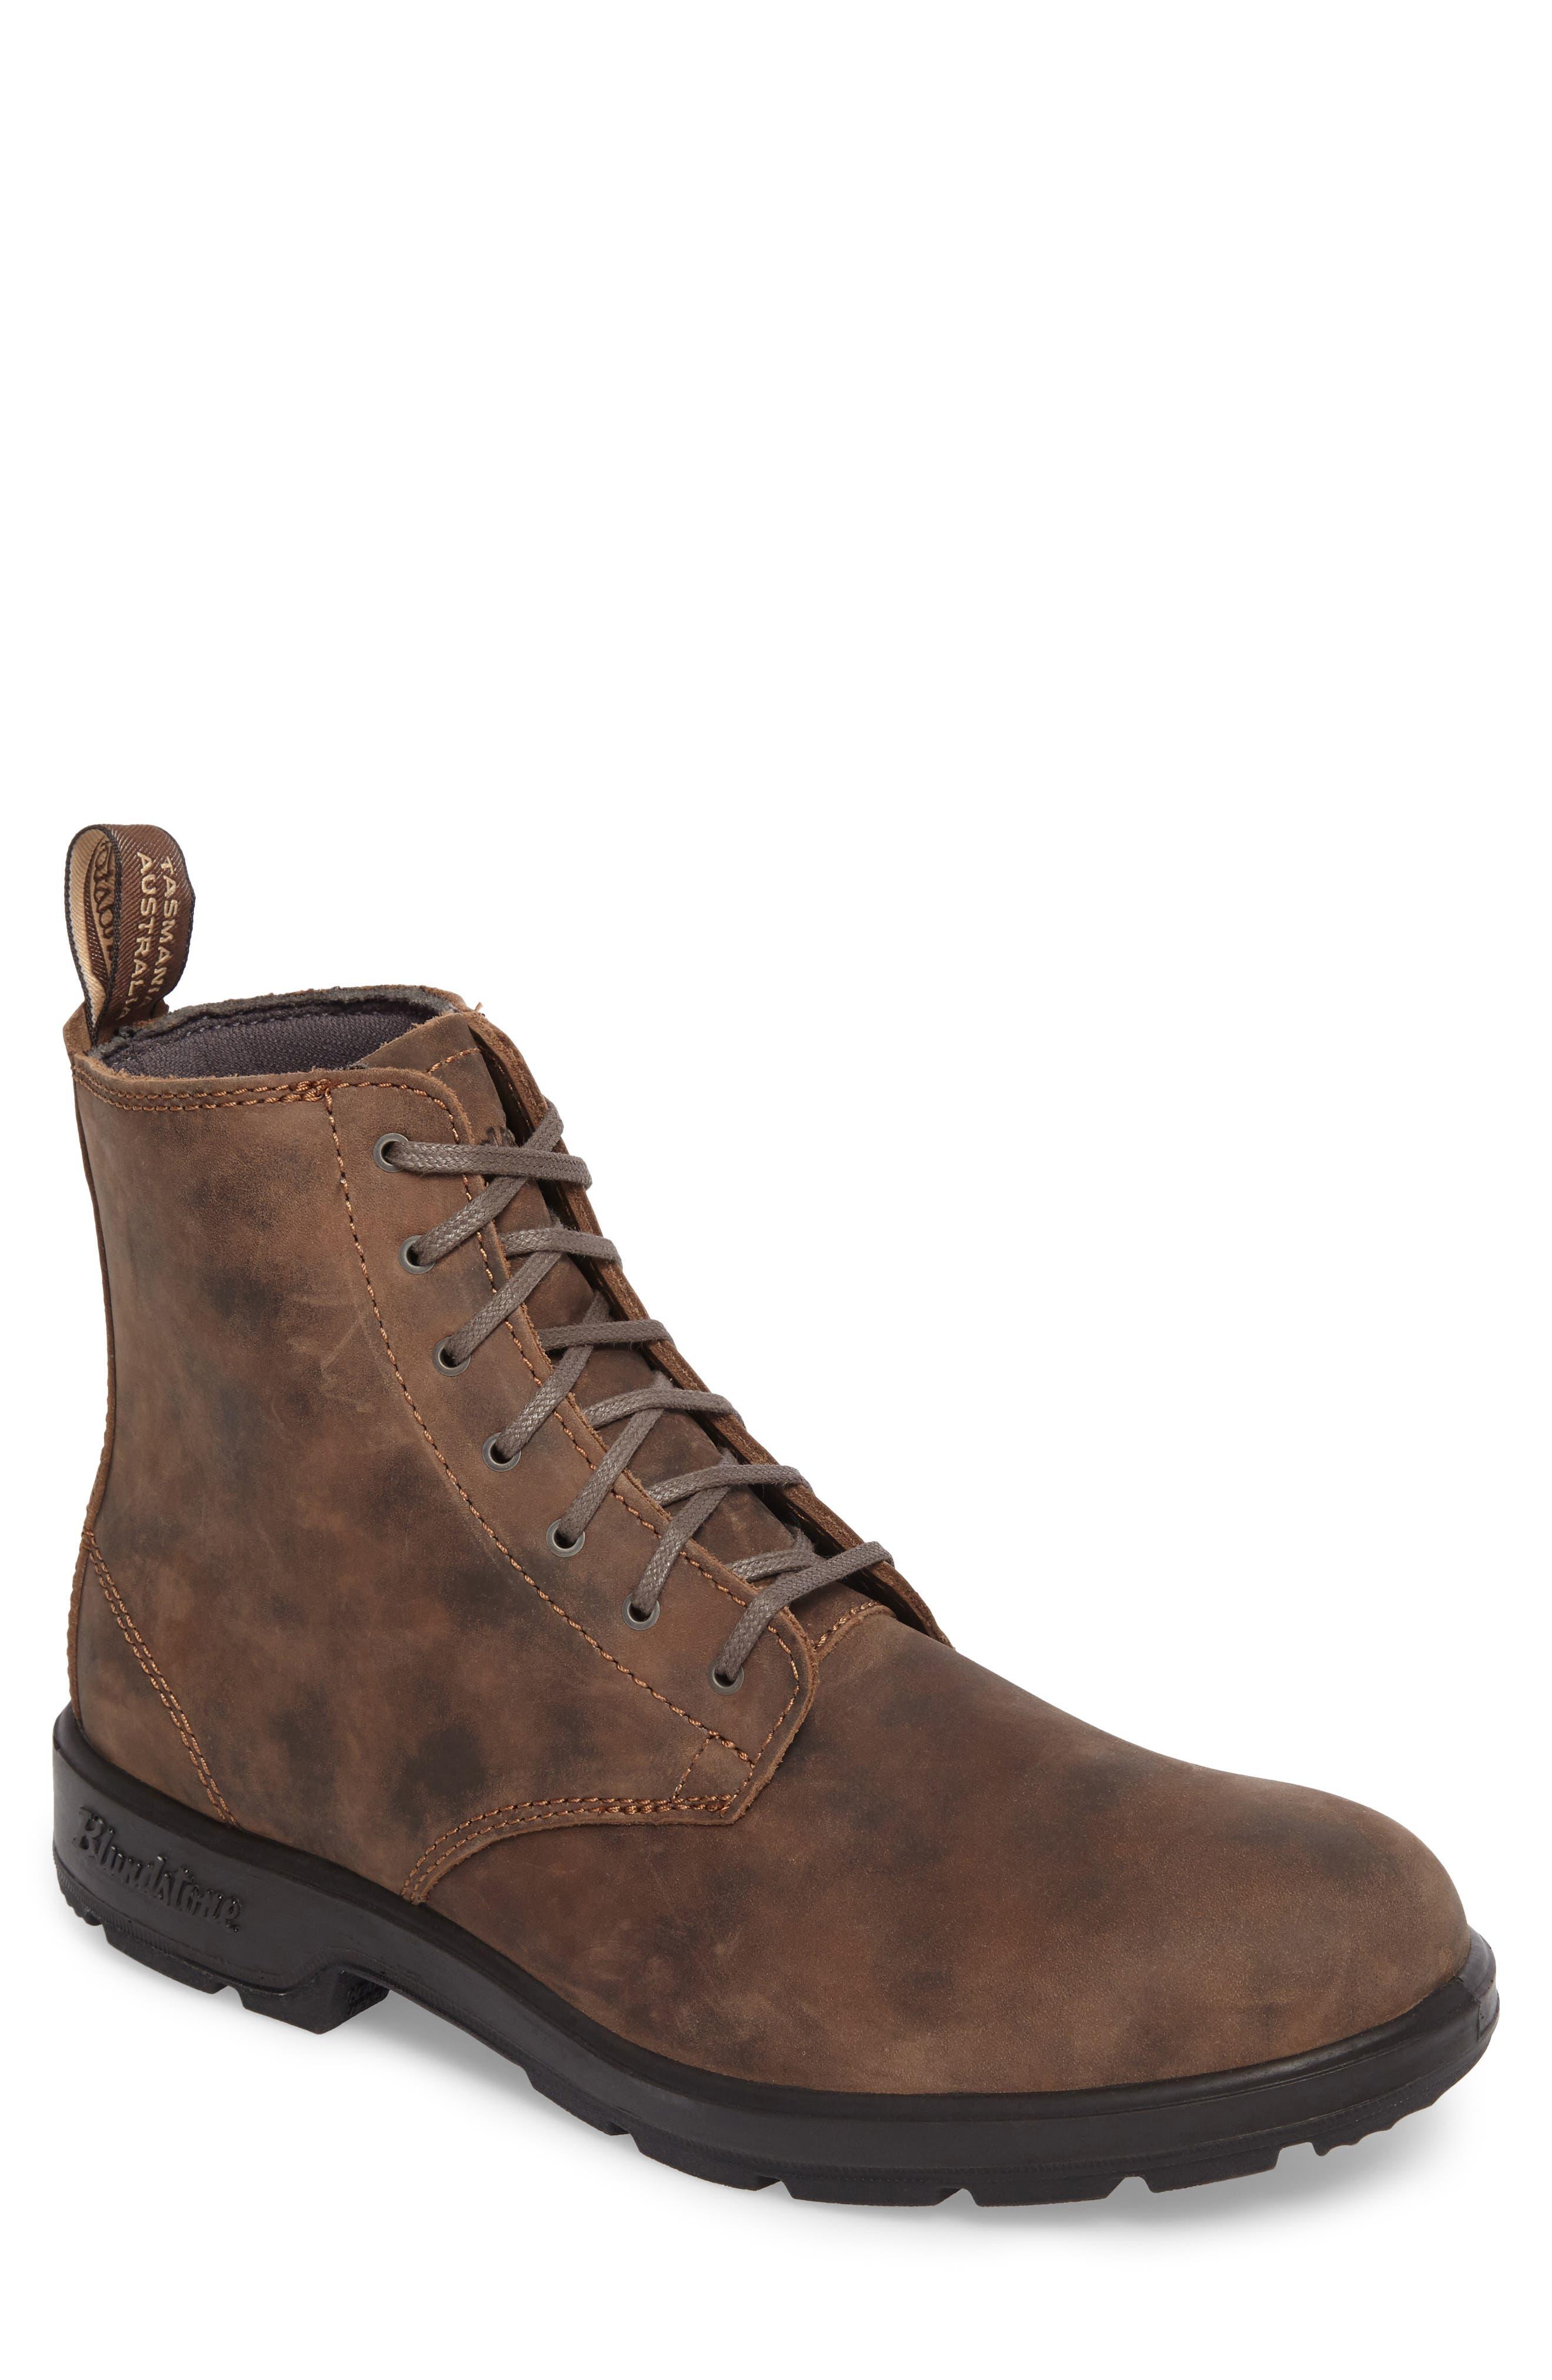 Original Plain Toe Boot,                             Main thumbnail 1, color,                             Rustic Brown Leather